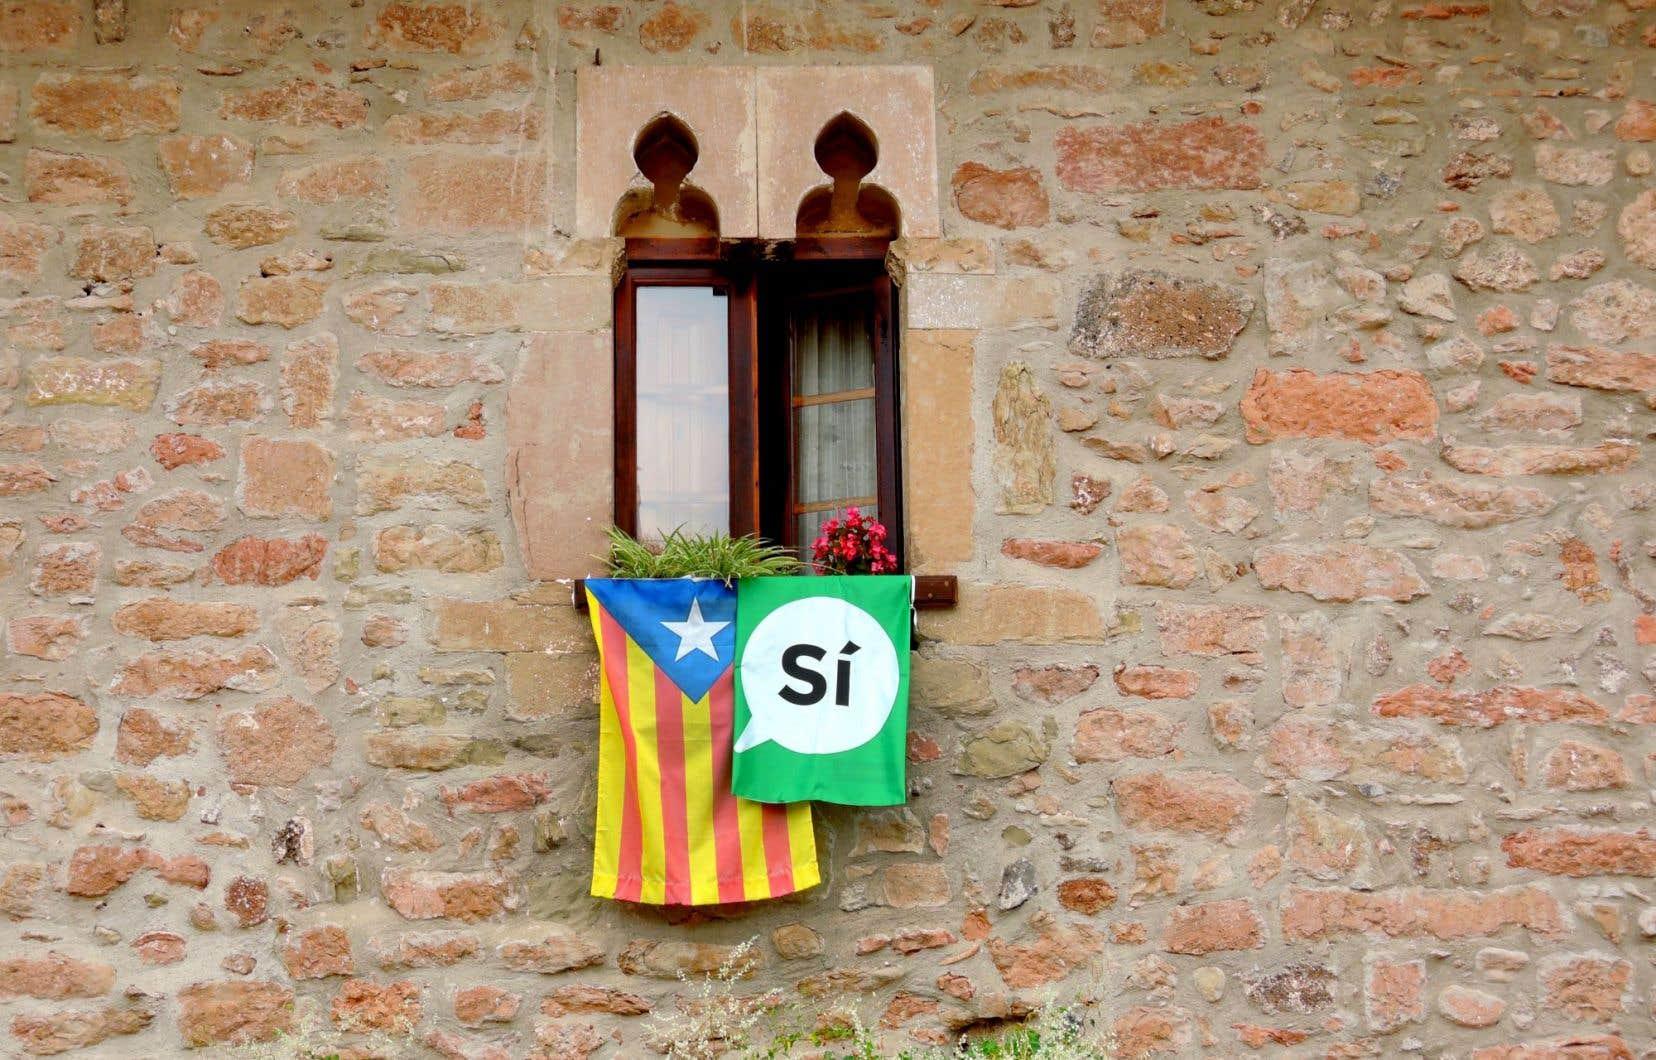 Les dirigeants séparatistes catalans réclament depuis 2012 un référendum d'autodétermination pour leur région du nord-est de l'Espagne aux 7,5 millions d'habitants.